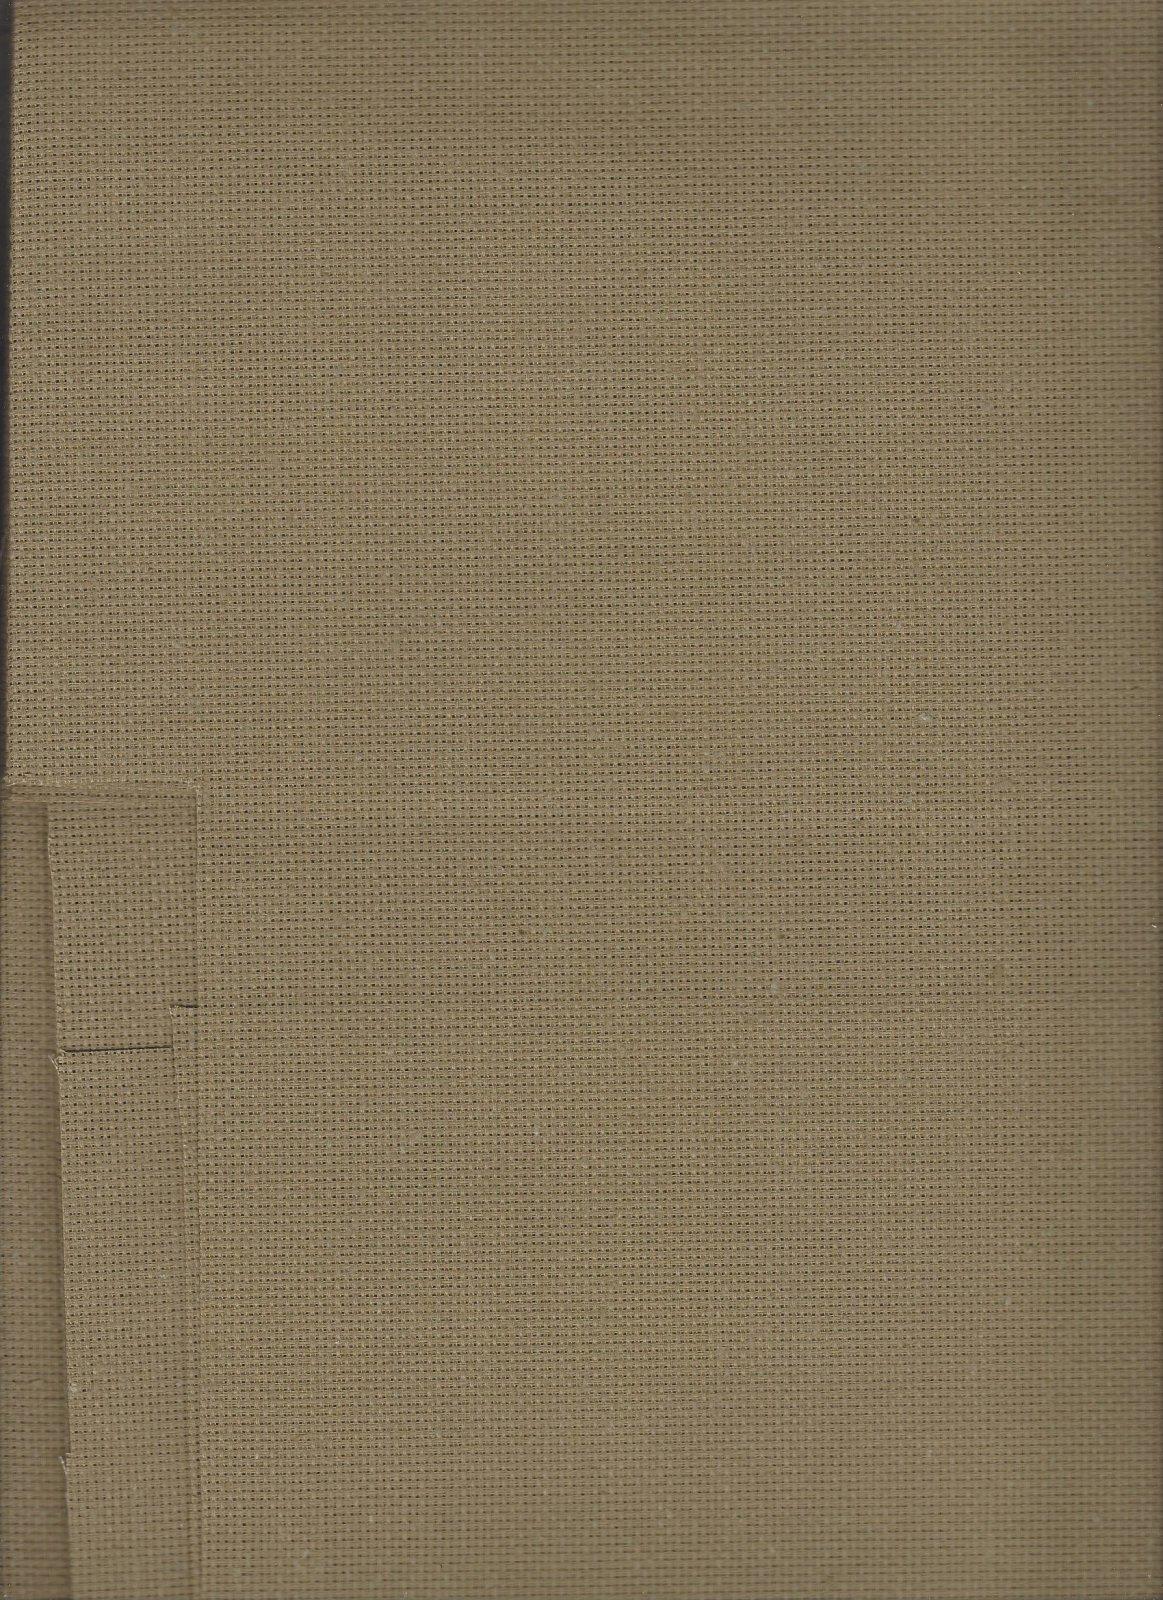 Aida 16ct Brown Sugar (discontinued color)